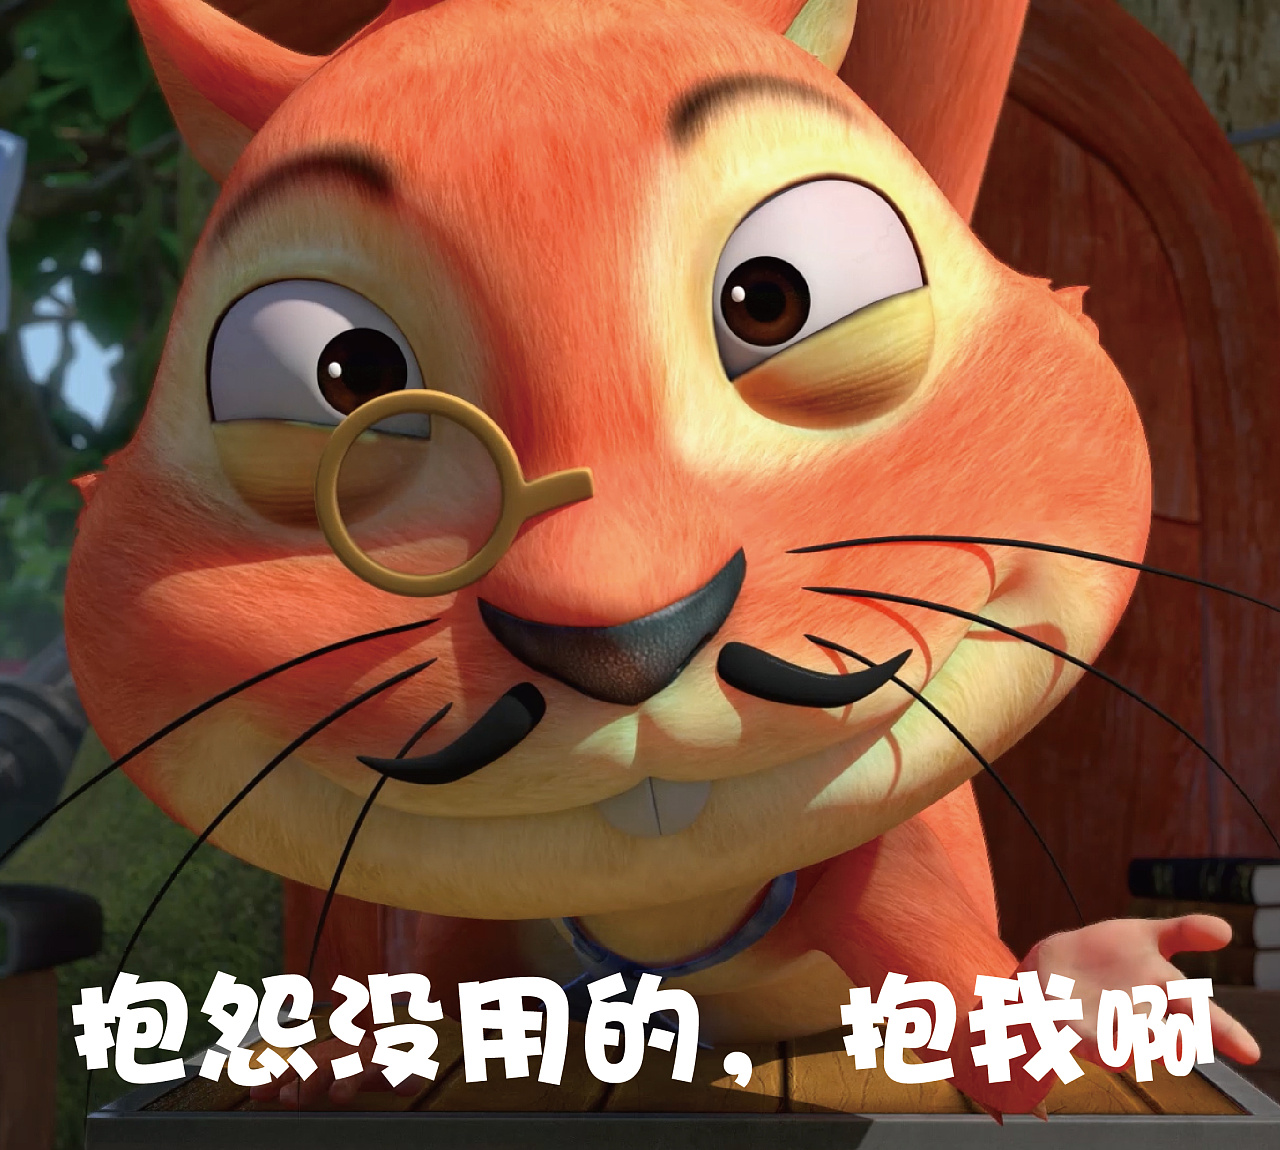 探探猫表情:抱怨嘛~做人是没的,抱我吧搓手搓表情包图片